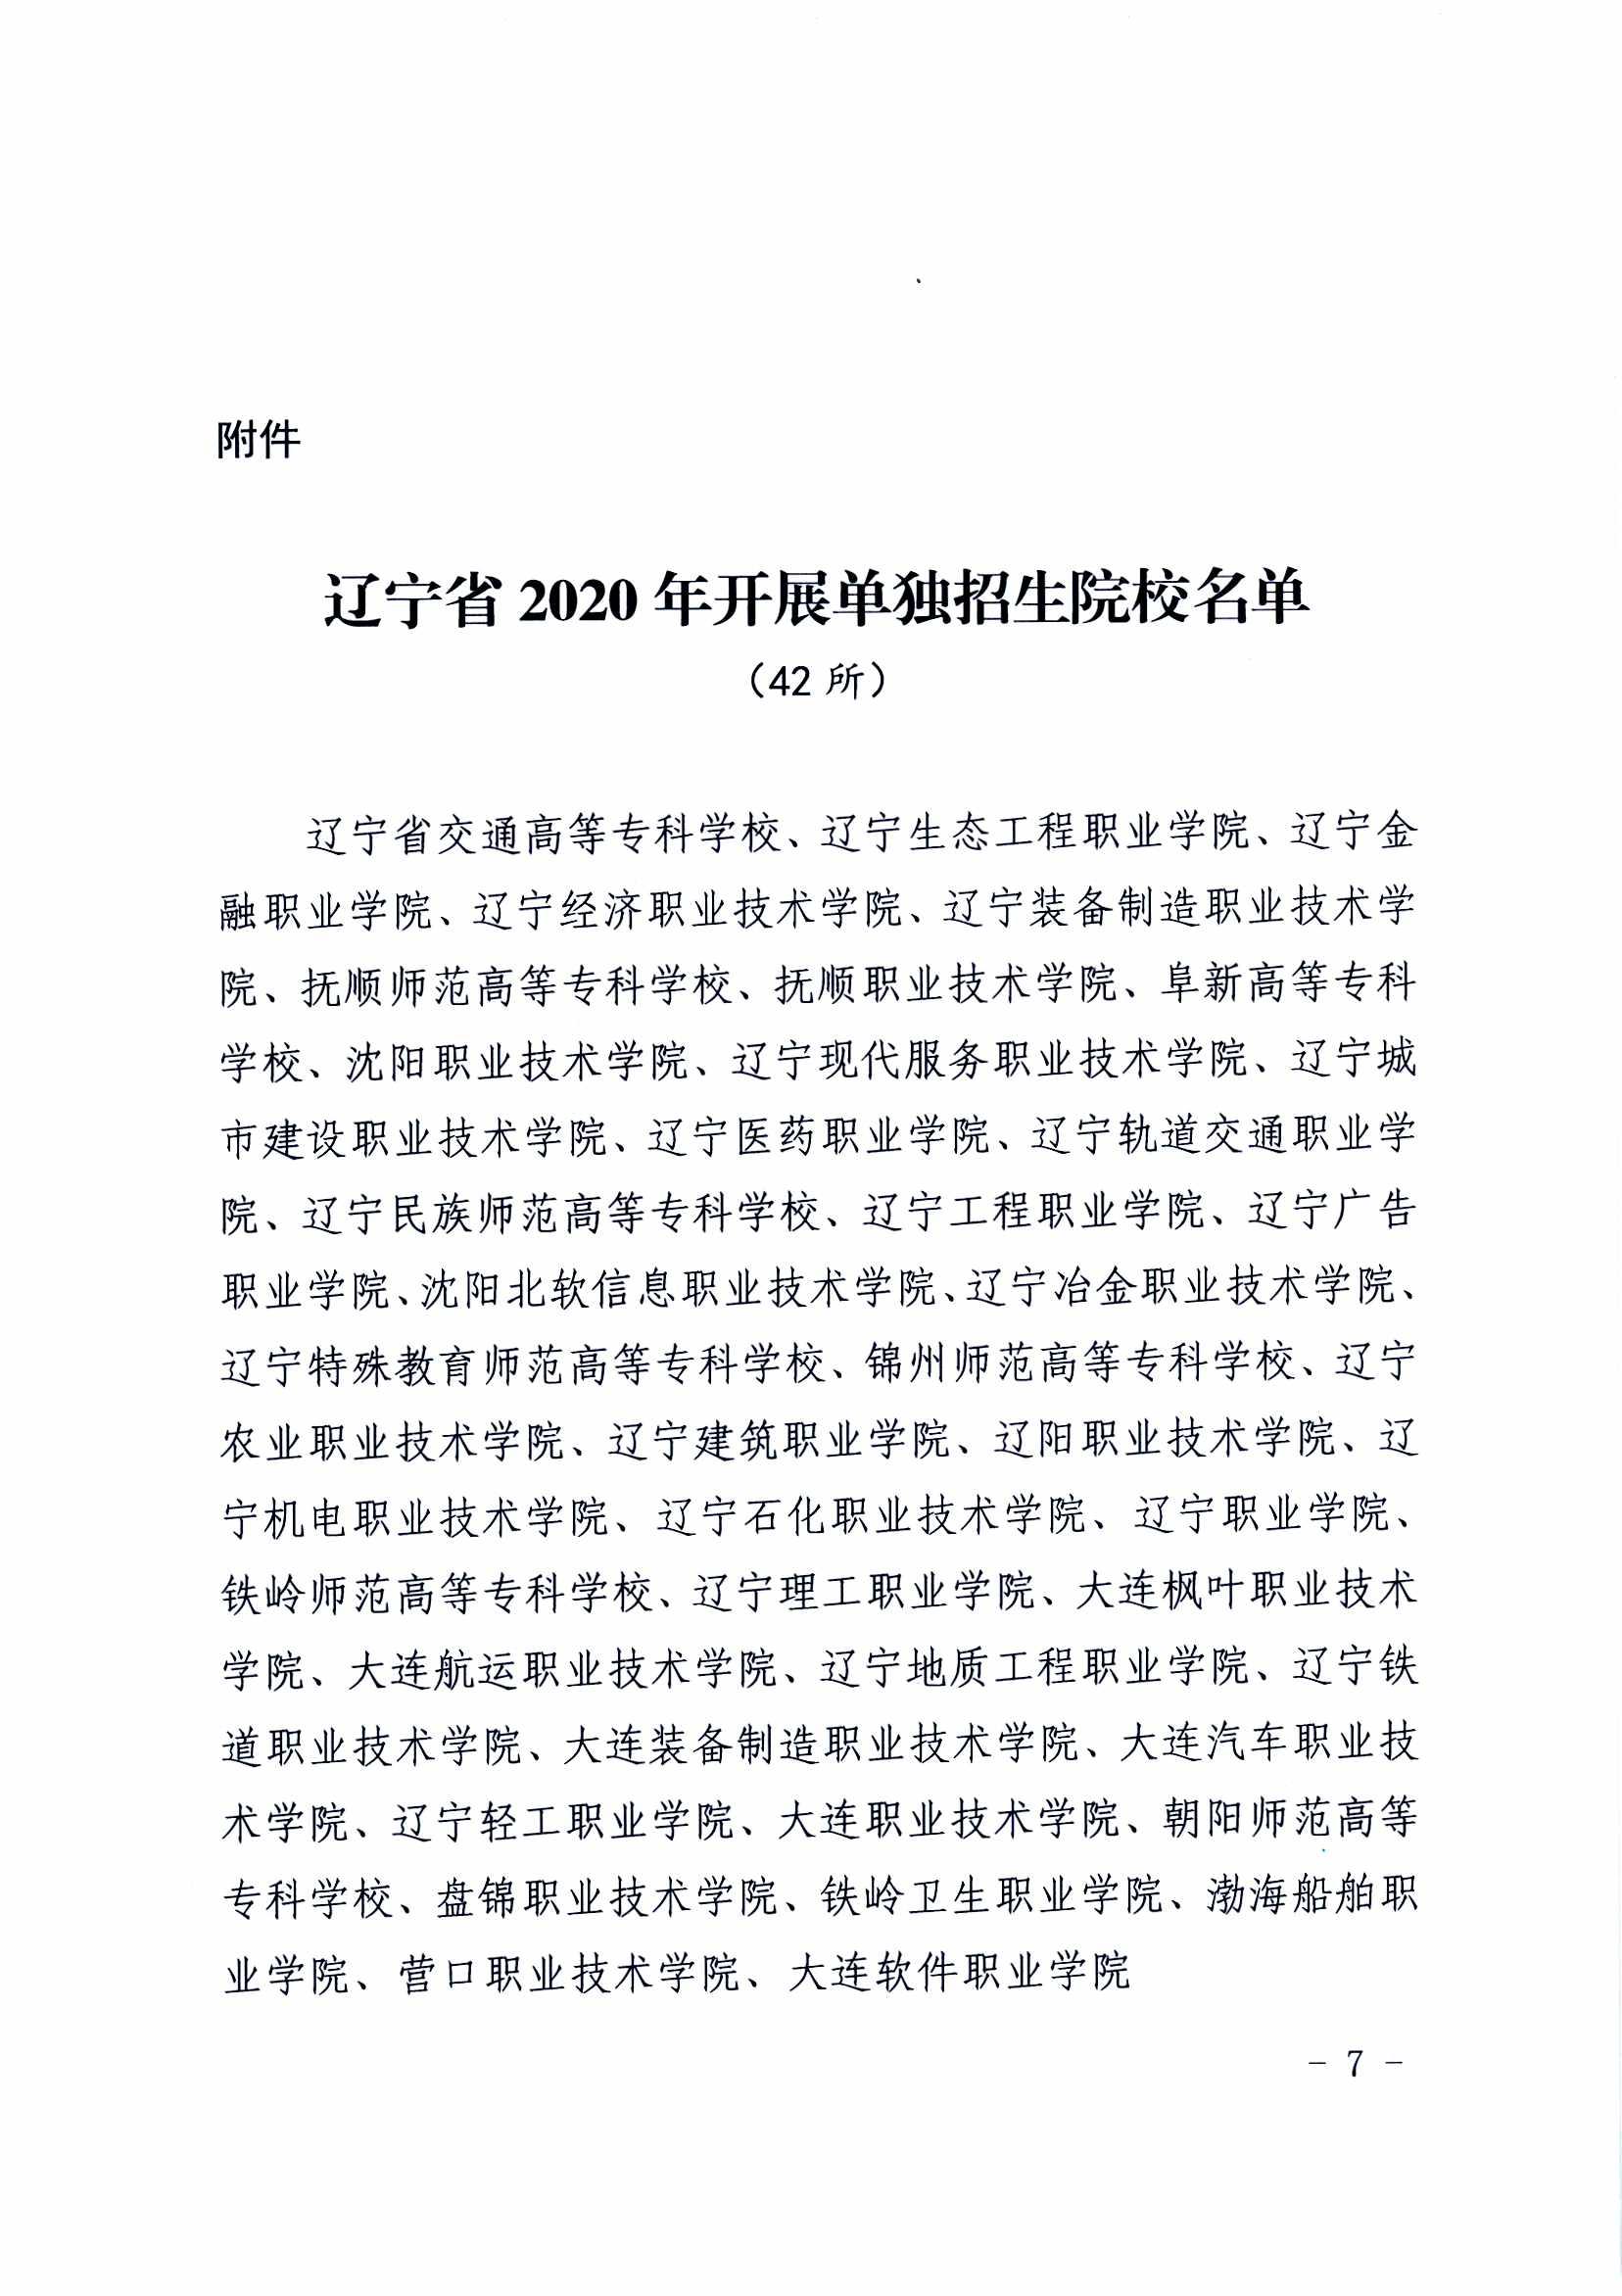 辽宁省教育厅关于开展2020年高等职业院校单独考试招生工作的......_页面_7